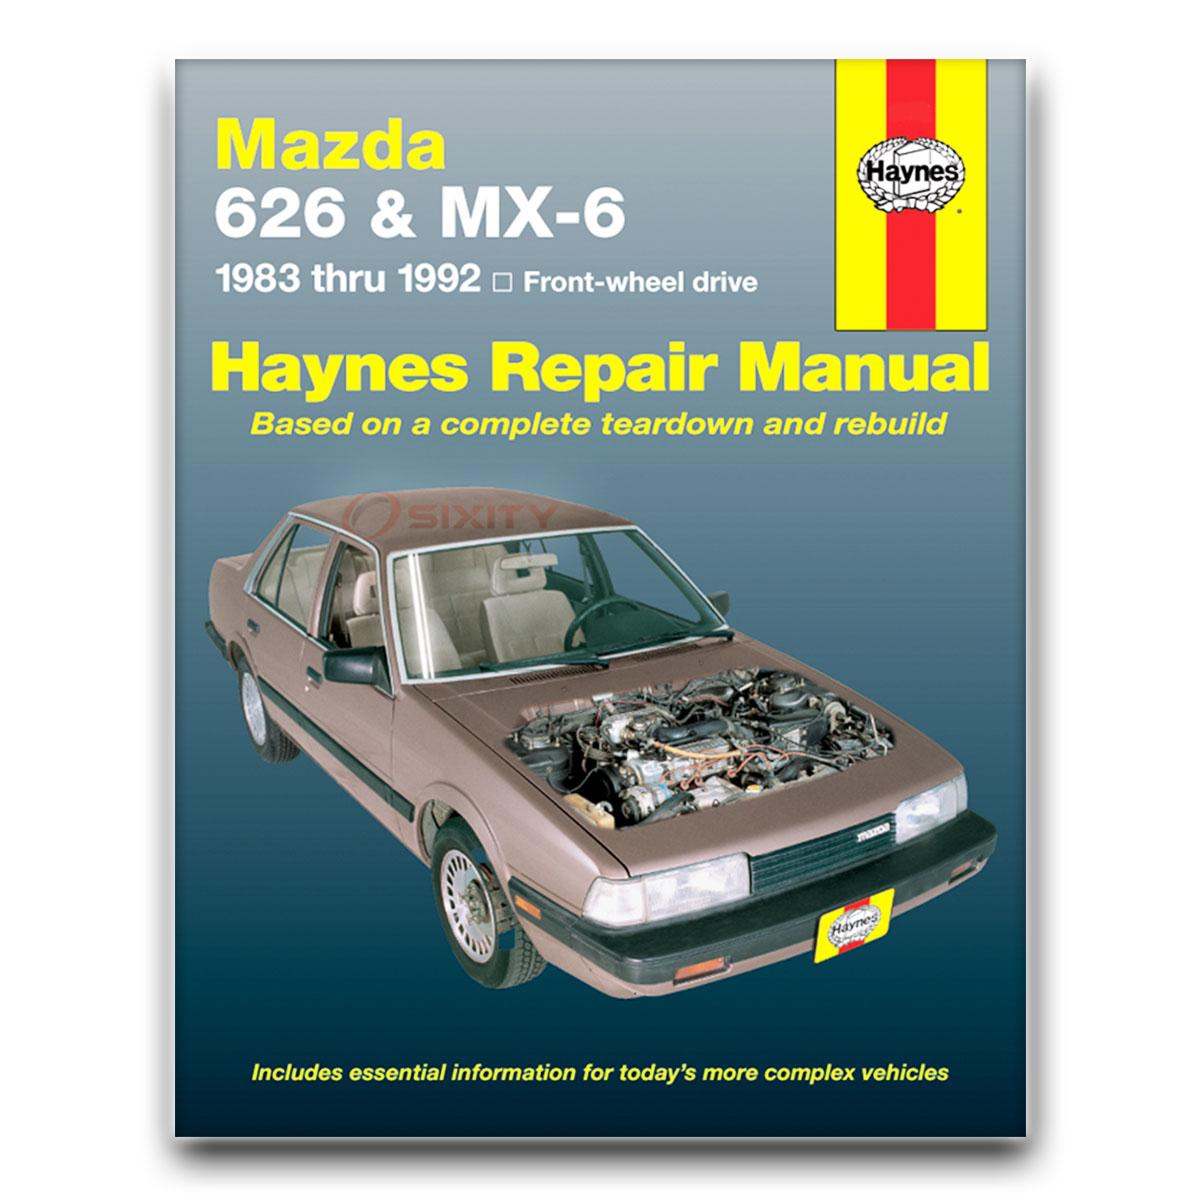 haynes repair manual for mazda 626 base lx dx gt turbo 4ws le shop rh ebay com 2000 Mazda 626 2000 Mazda 626